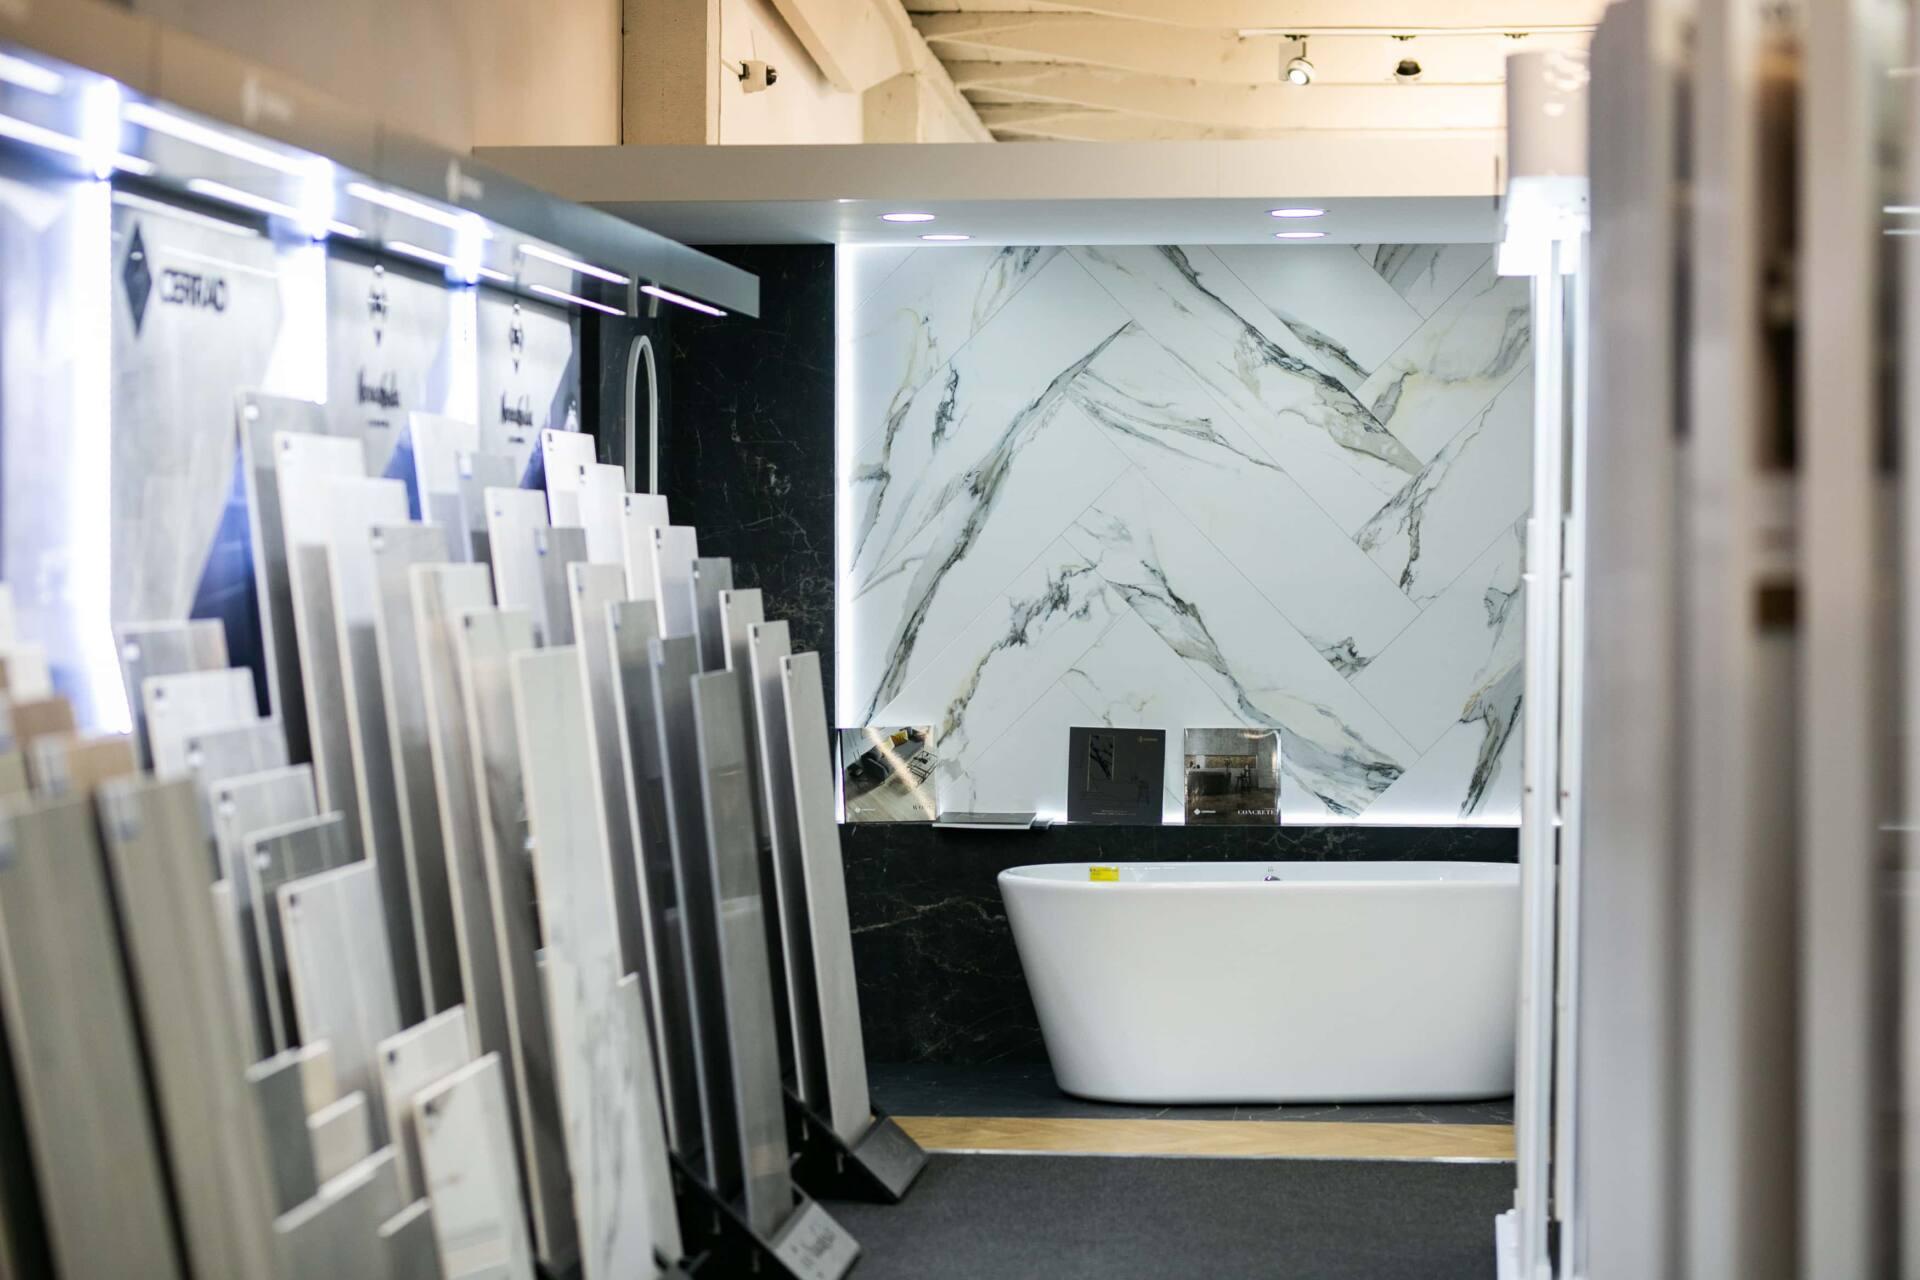 5db 5636 Salon BLU: na ponad 500 m2., 36 łazienkowych aranżacji i bogata ekspozycja wyposażenia (zdjęcia)